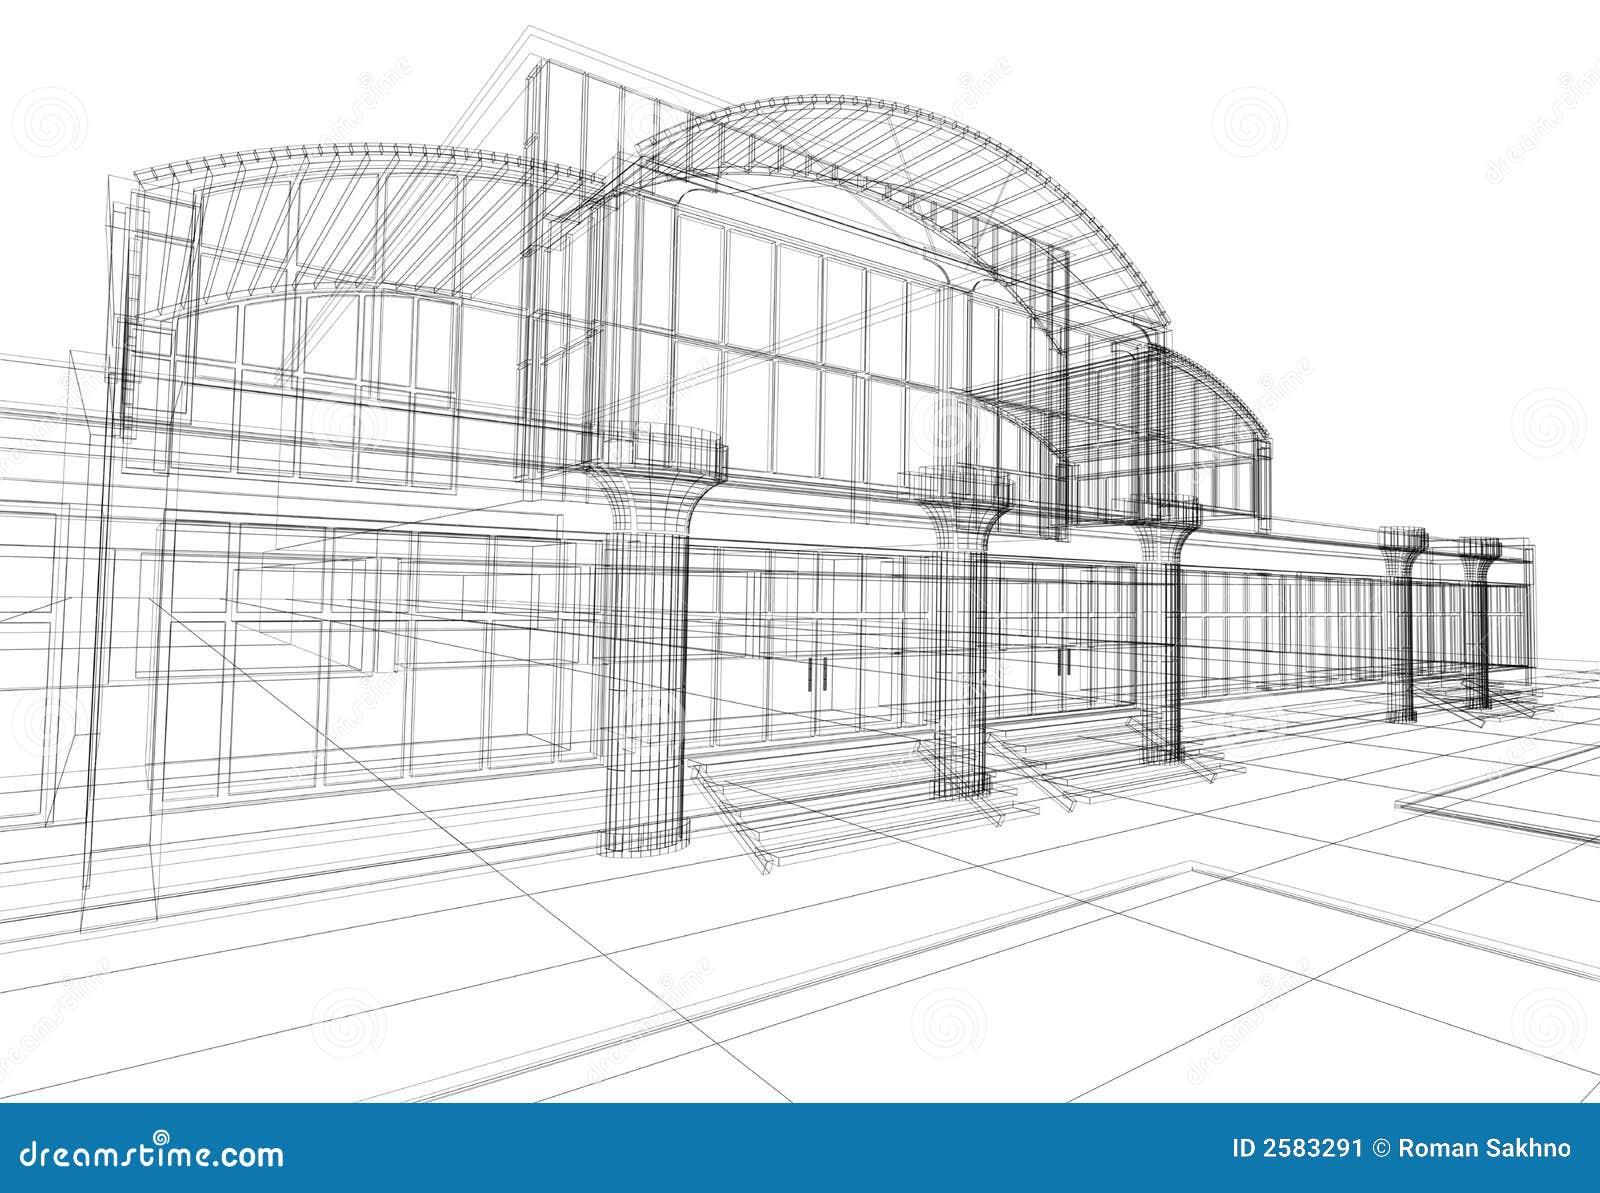 comment dessiner des immeubles en 3d. Black Bedroom Furniture Sets. Home Design Ideas